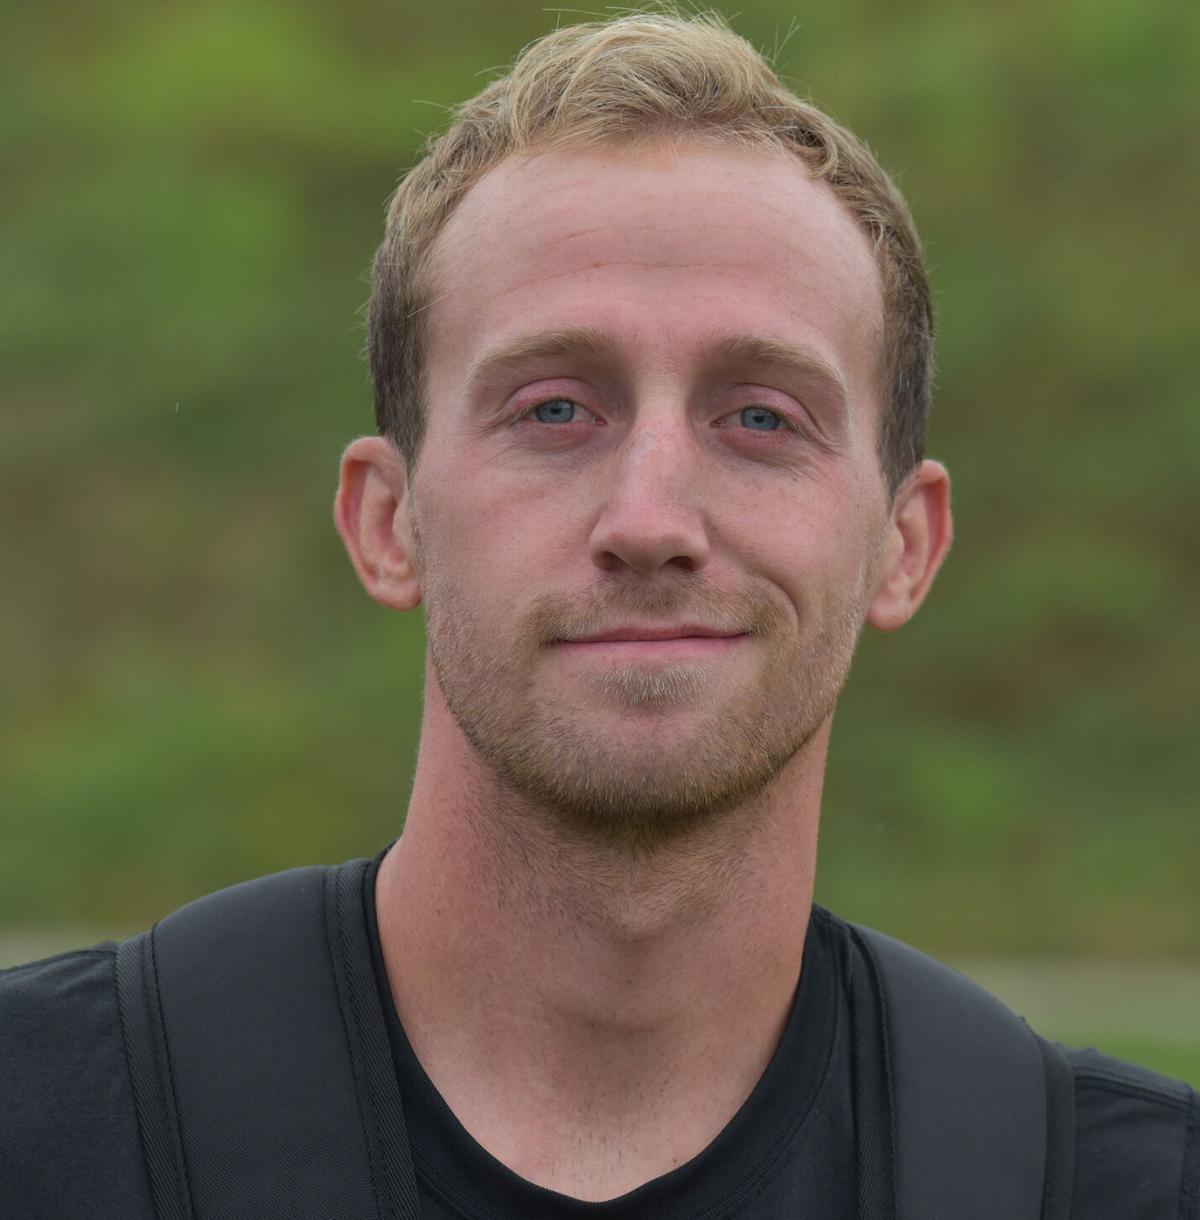 Rob Heuler